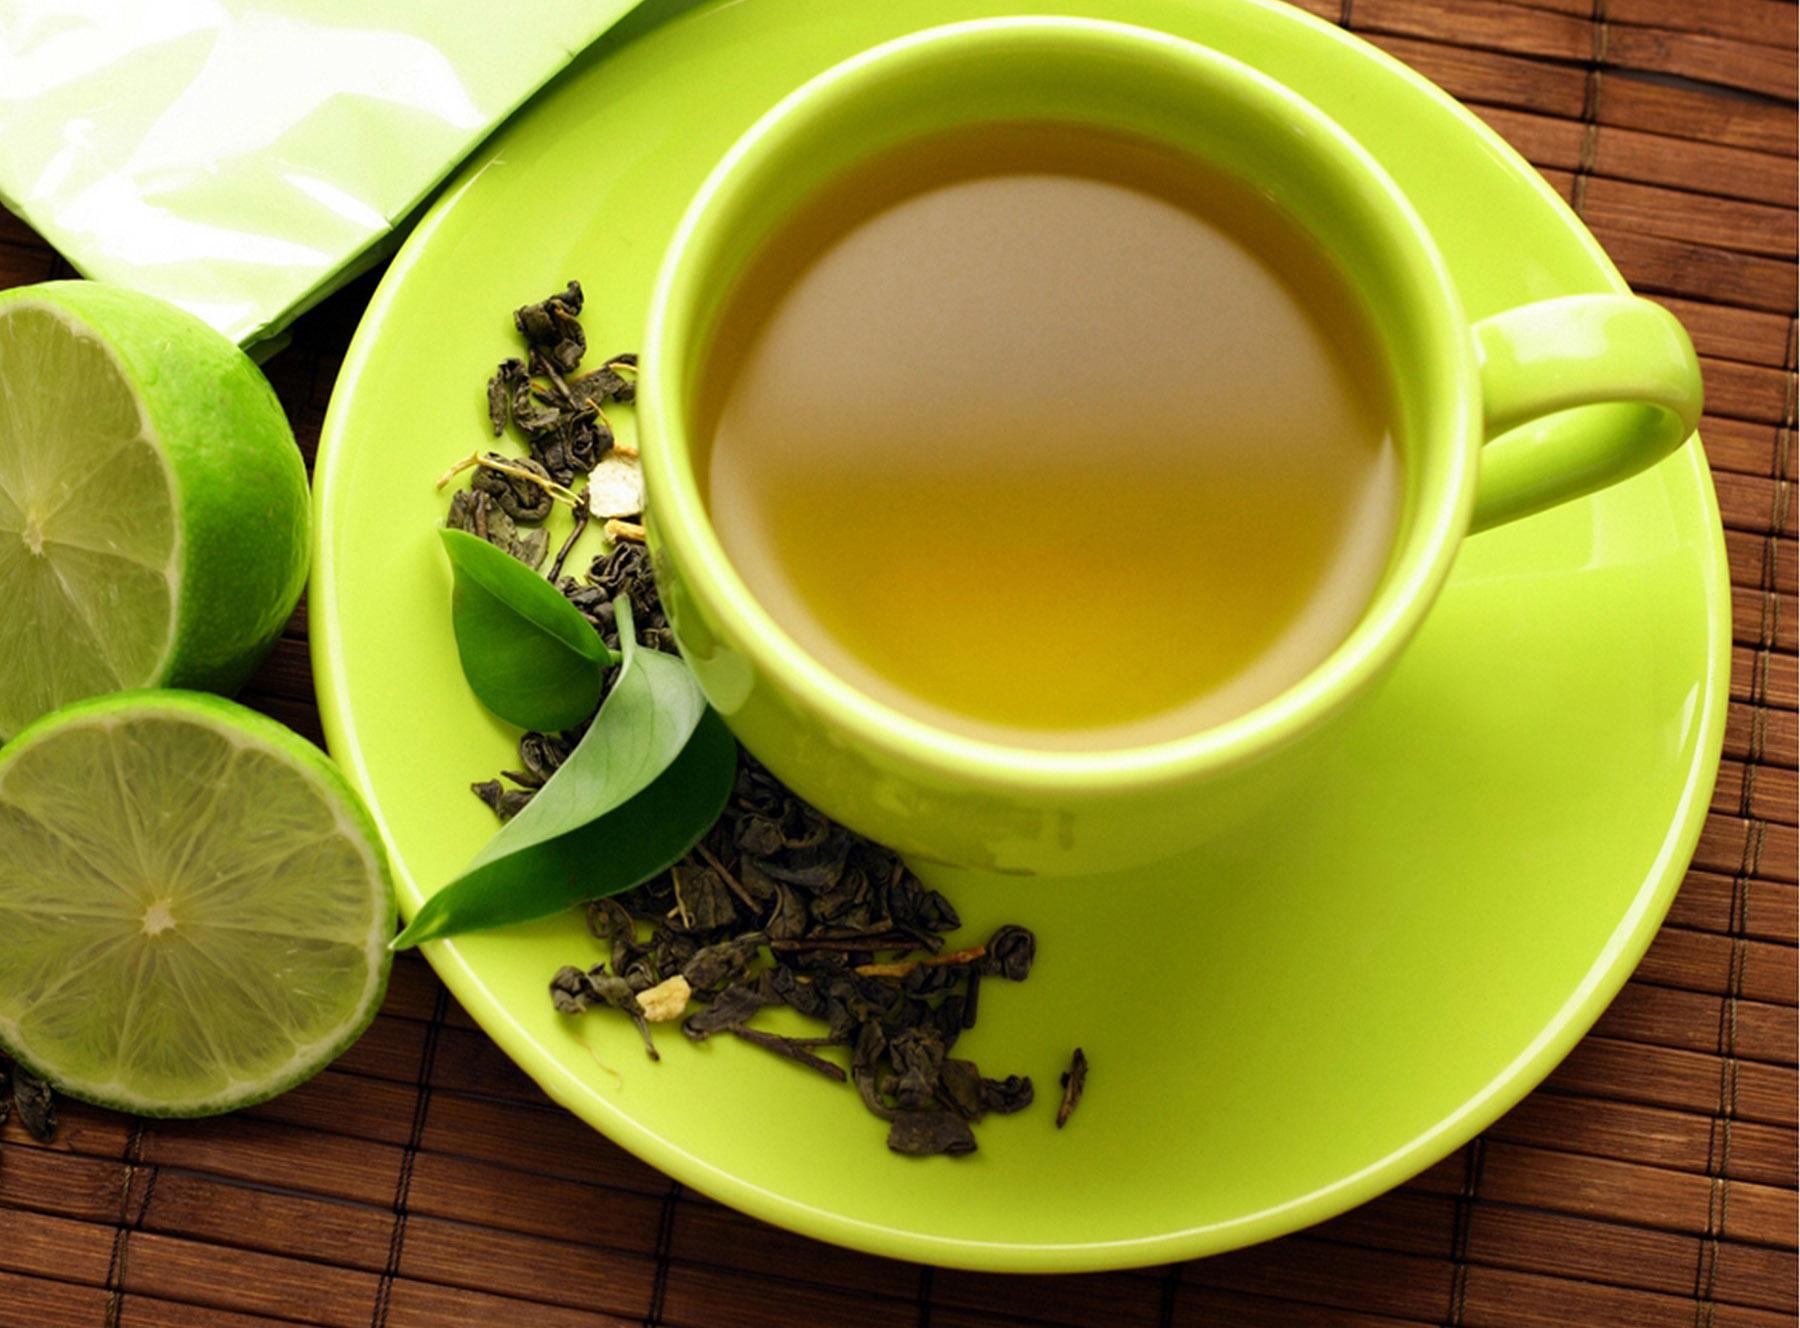 Ασπίδα κατά του καρκίνου το πράσινο τσάι! thumbnail